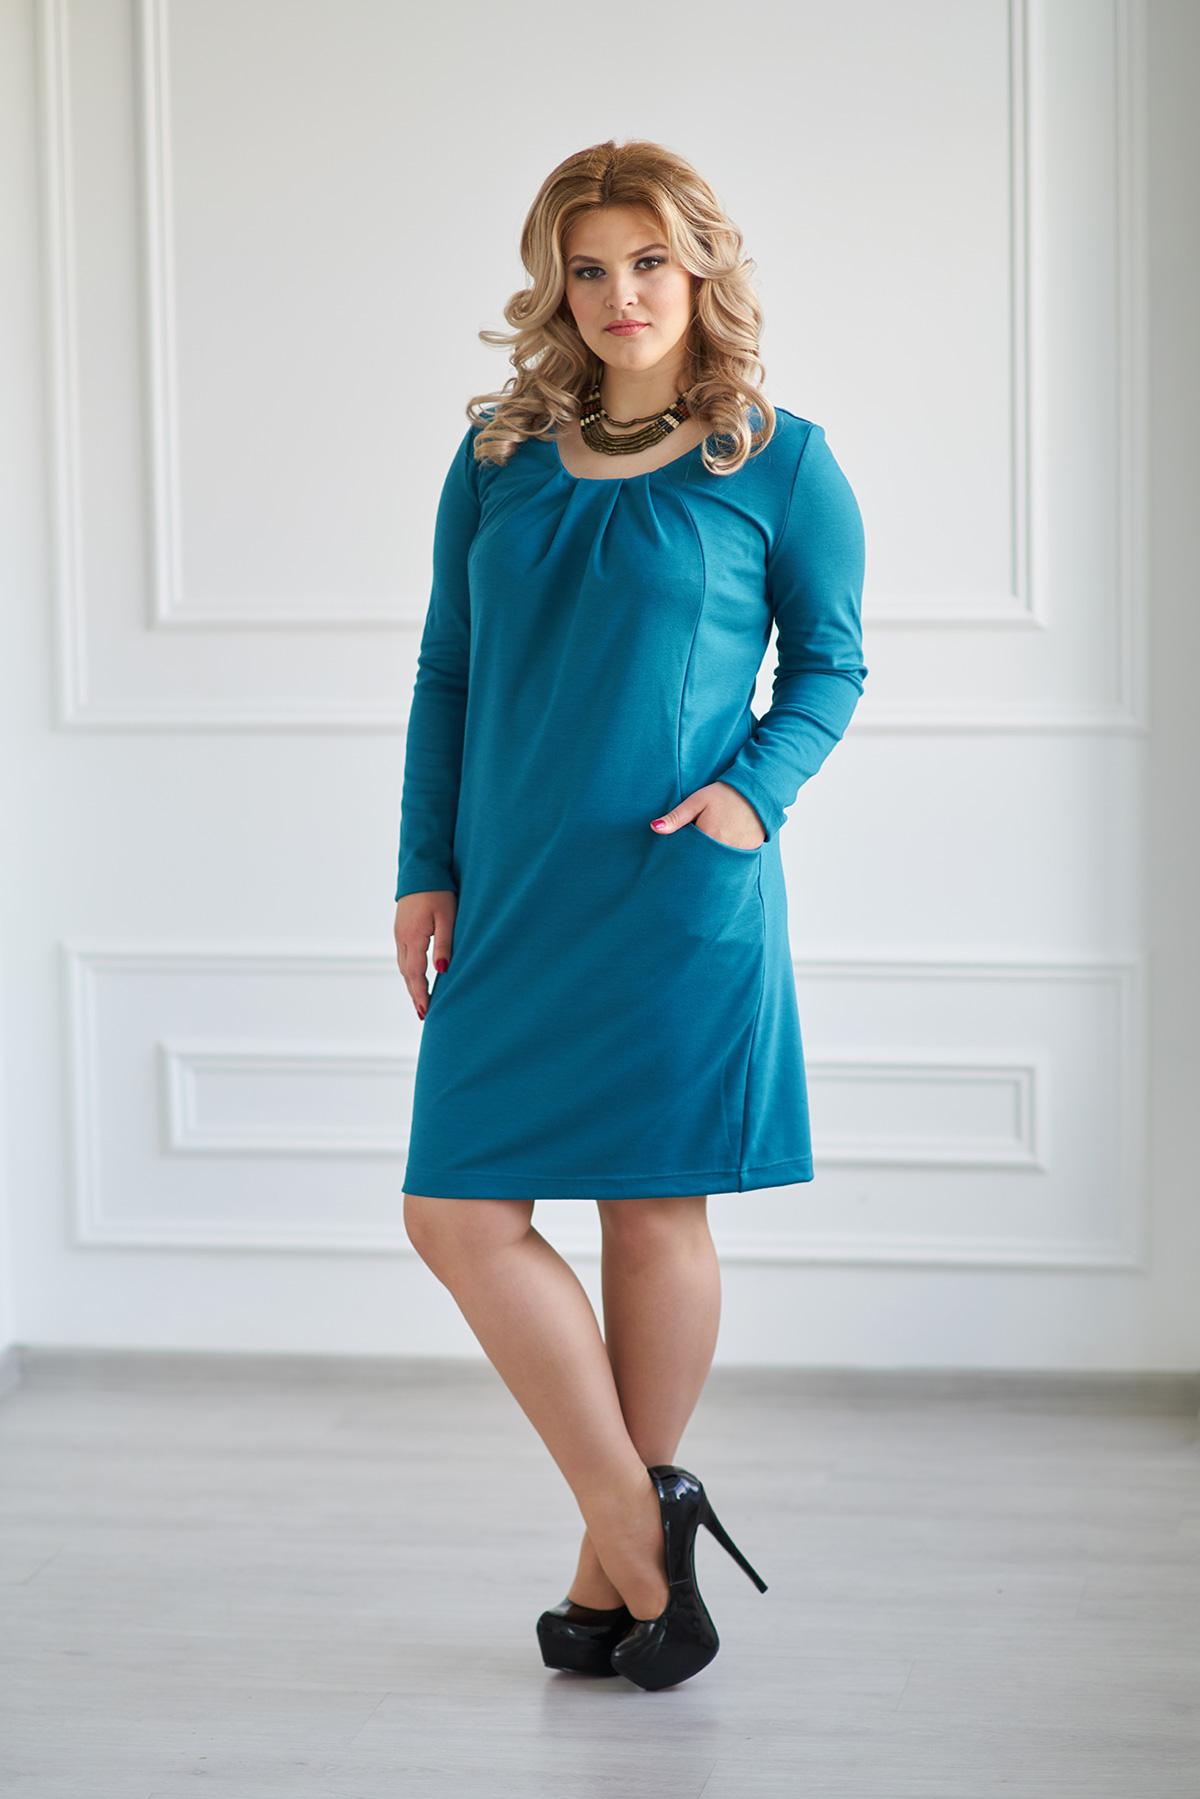 Жен. платье арт. 19-0005 Темно-изумрудный р. 56Платья<br>Факт. ОГ: см <br>Факт. ОТ: 112 см <br>Факт. ОБ: 118 см <br>Длина по спинке: 104 см<br><br>Тип: Жен. платье<br>Размер: 56<br>Материал: Милано